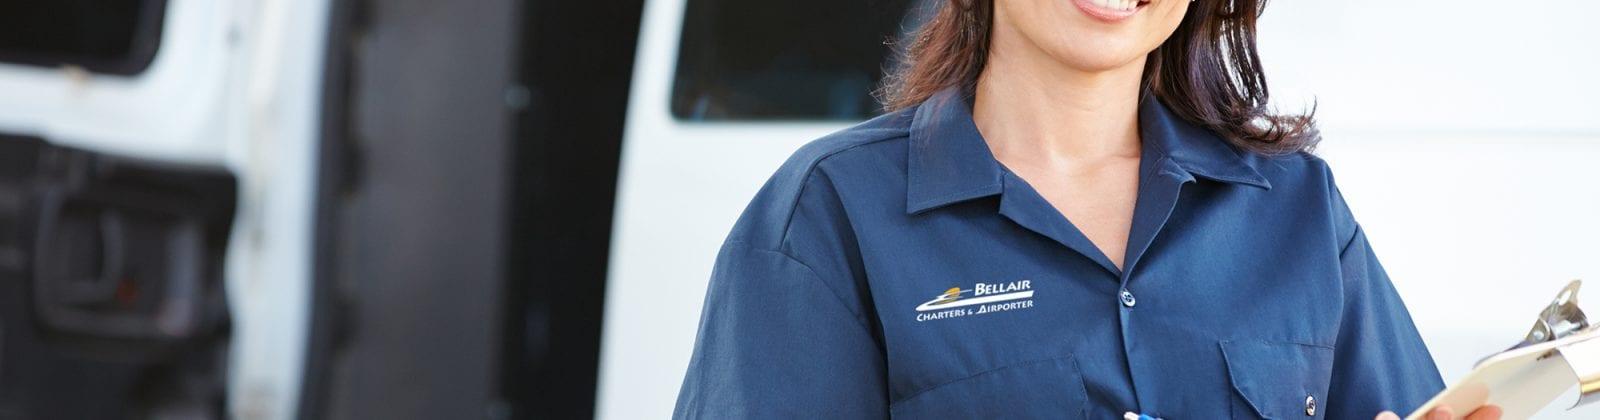 Bellair Jobs Yakima WA